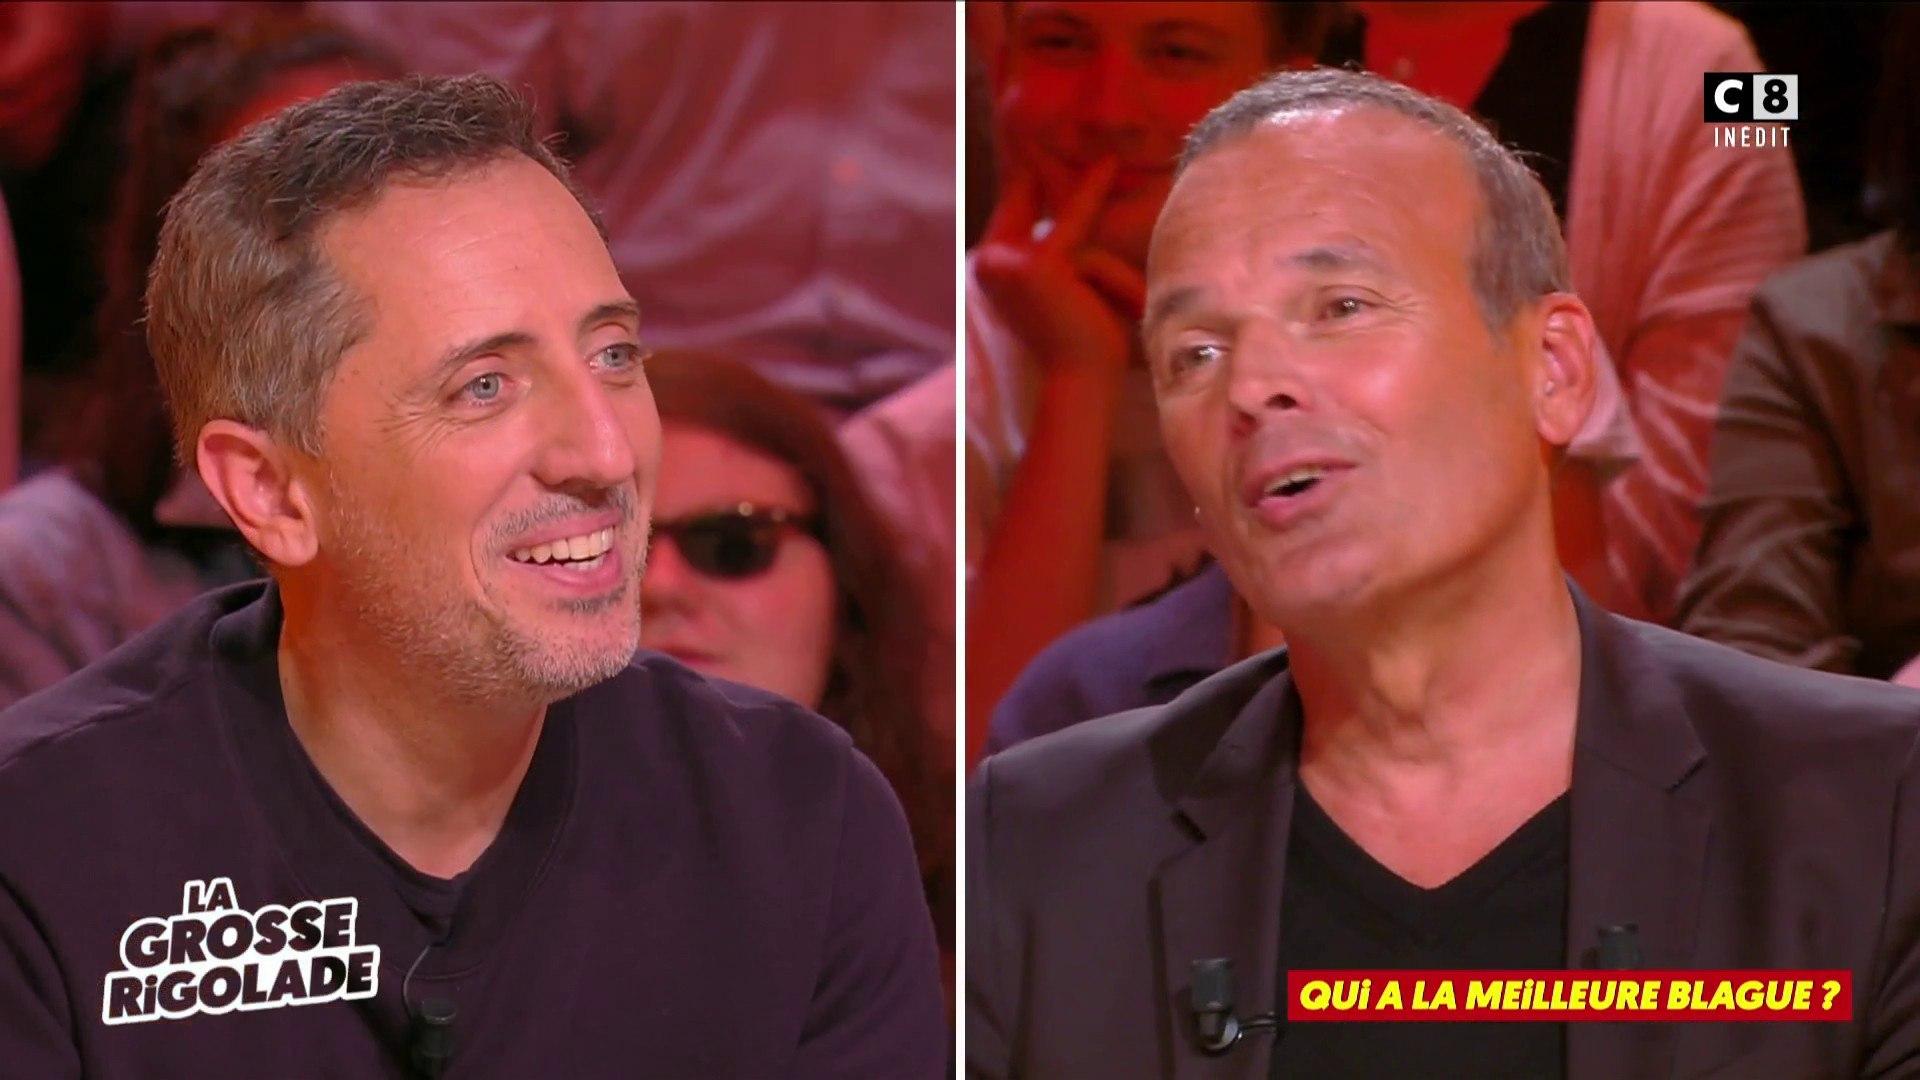 La grosse rigolade - C8 - Cyril Hanouna - Laurent Baffie - Gal Elmaleh